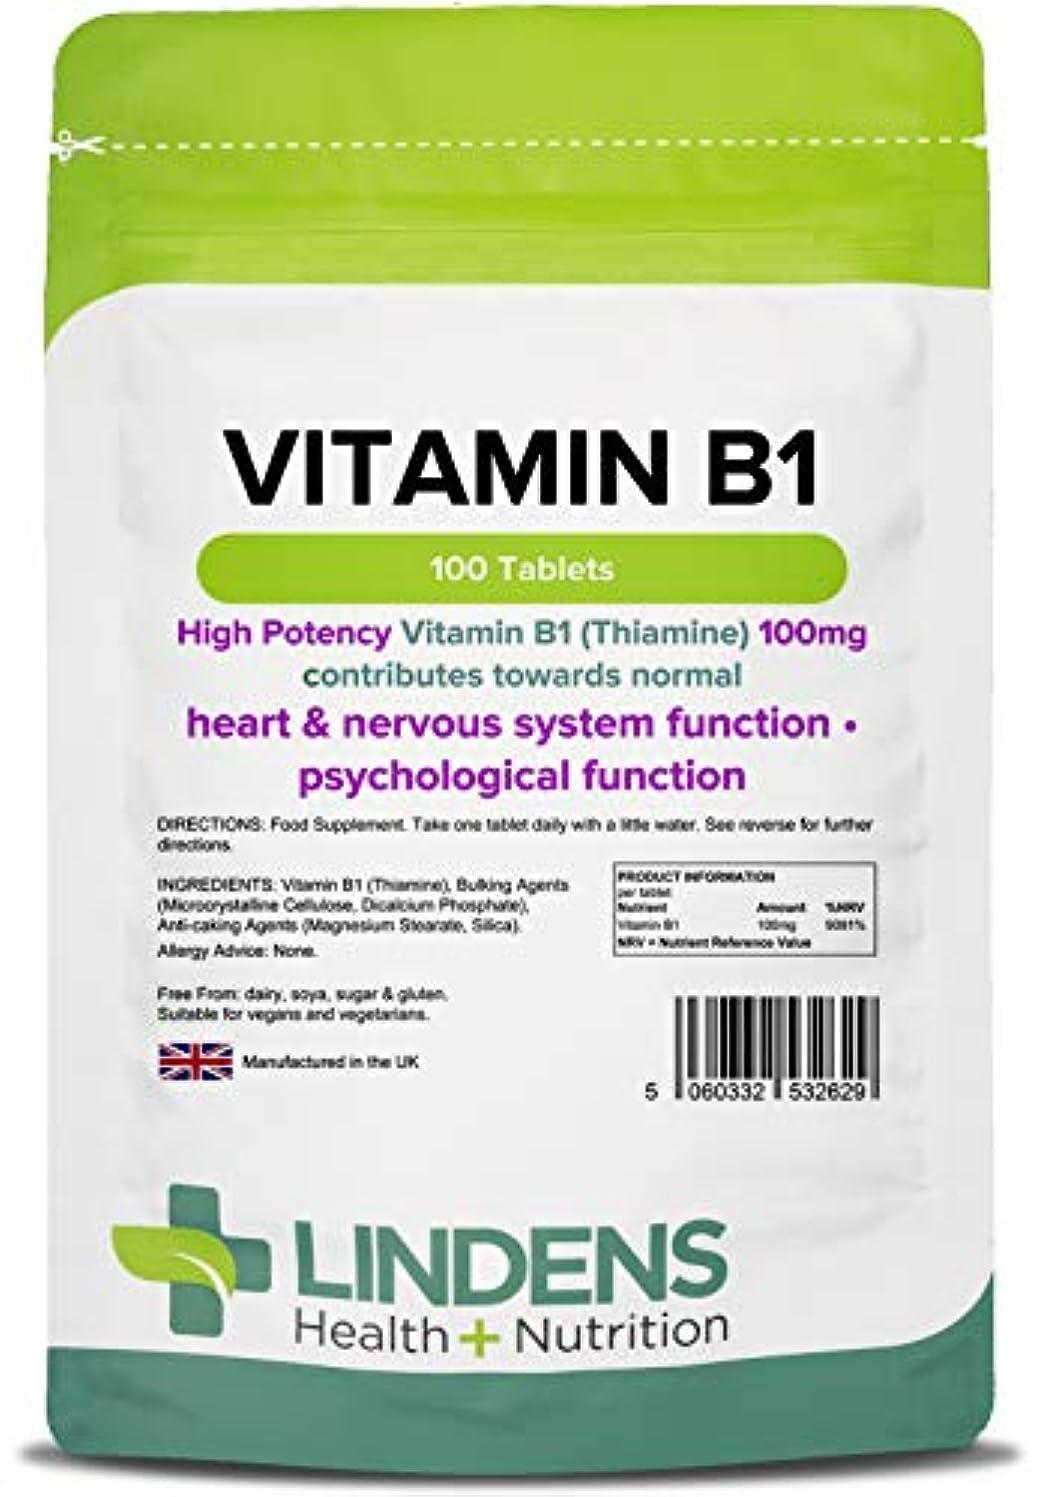 プラットフォームシリンダー行政ビタミンB-1(チアミン)100錠1日に1(B1)